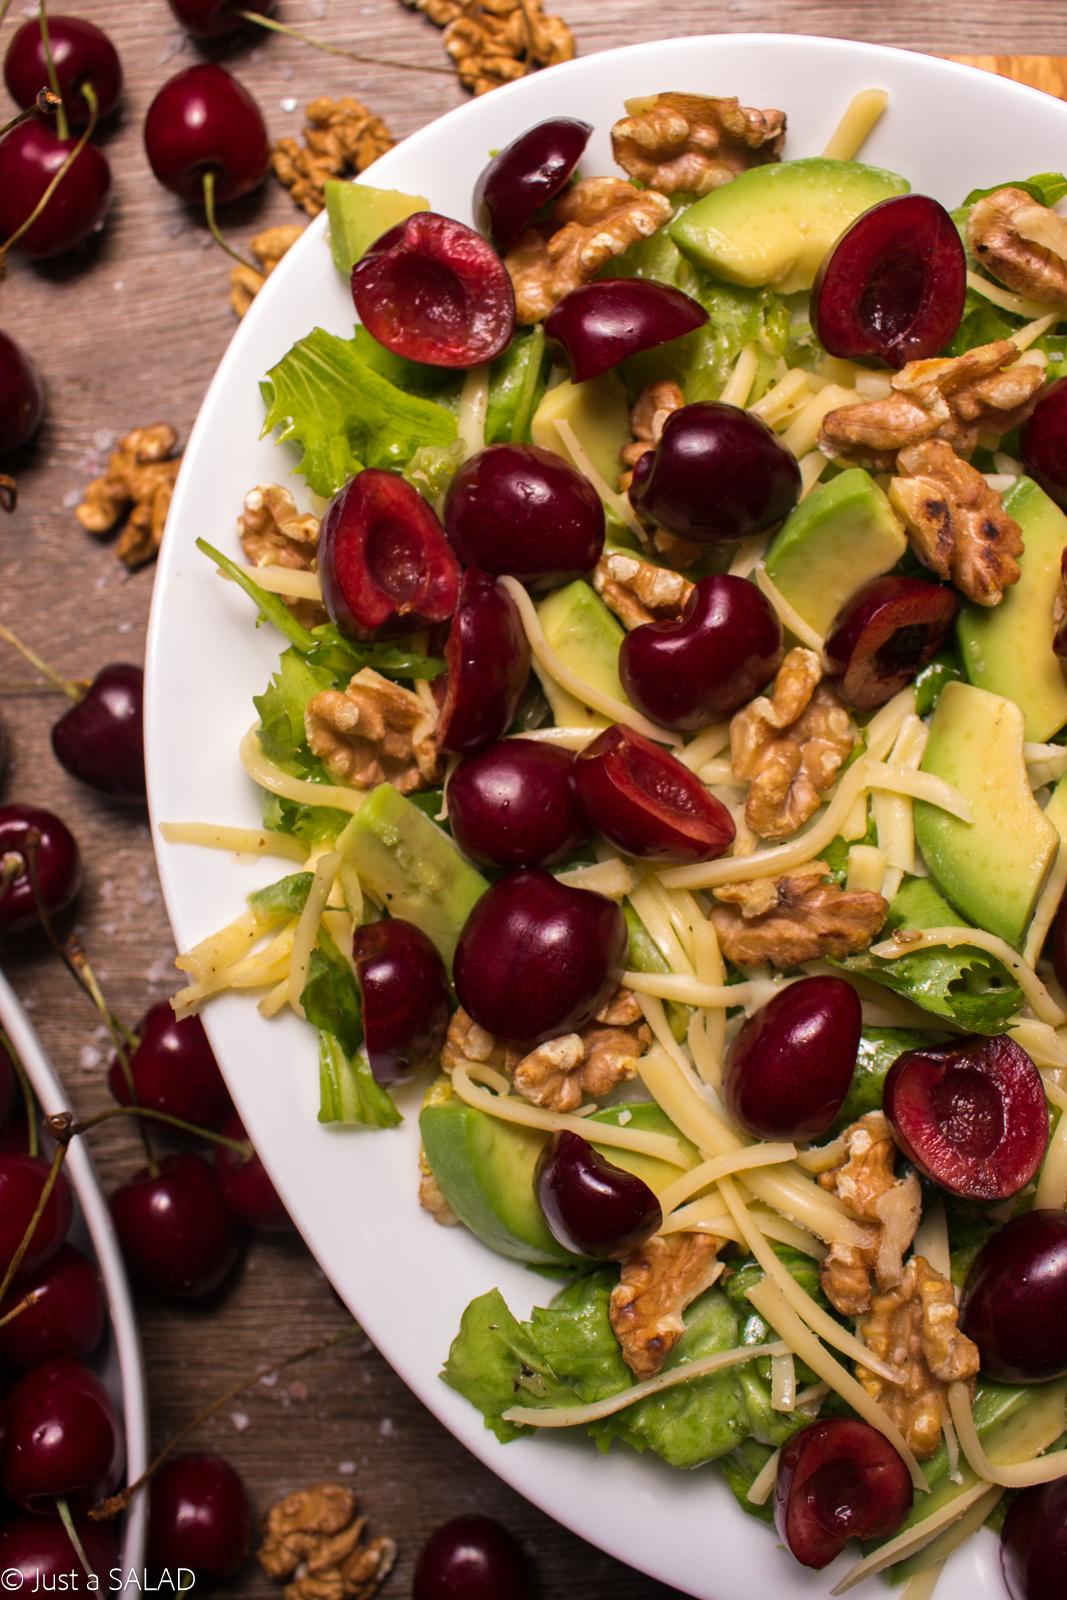 Sałatka z czereśniami, żółtym serem, awokado i orzechami włoskim na miksie sałat.